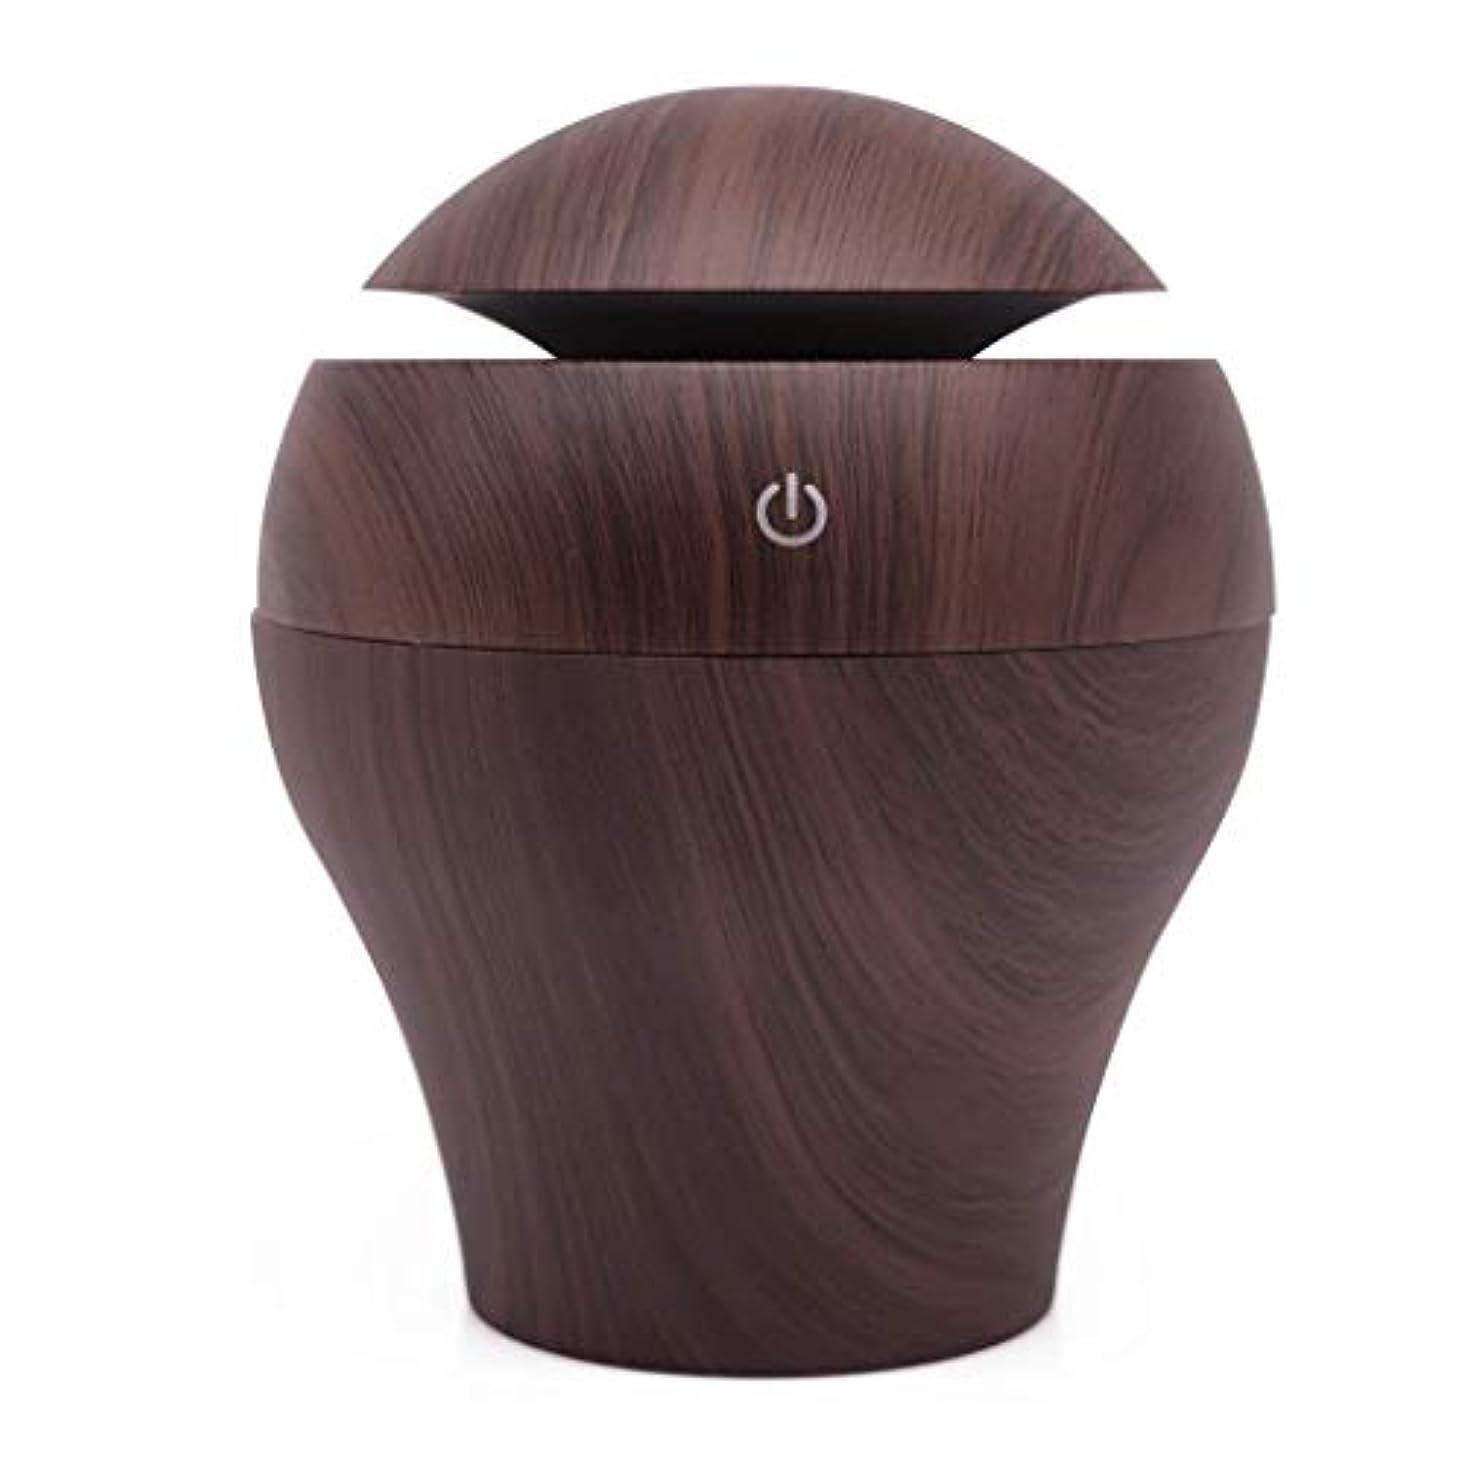 含むずらすスコットランド人アロマディフューザー250ミリリットルエッセンシャルオイルディフューザー電動超音波加湿器アロマ空気清浄機ウォーターレスオートオフ空気清浄機 (Color : Dark Wood Grain)